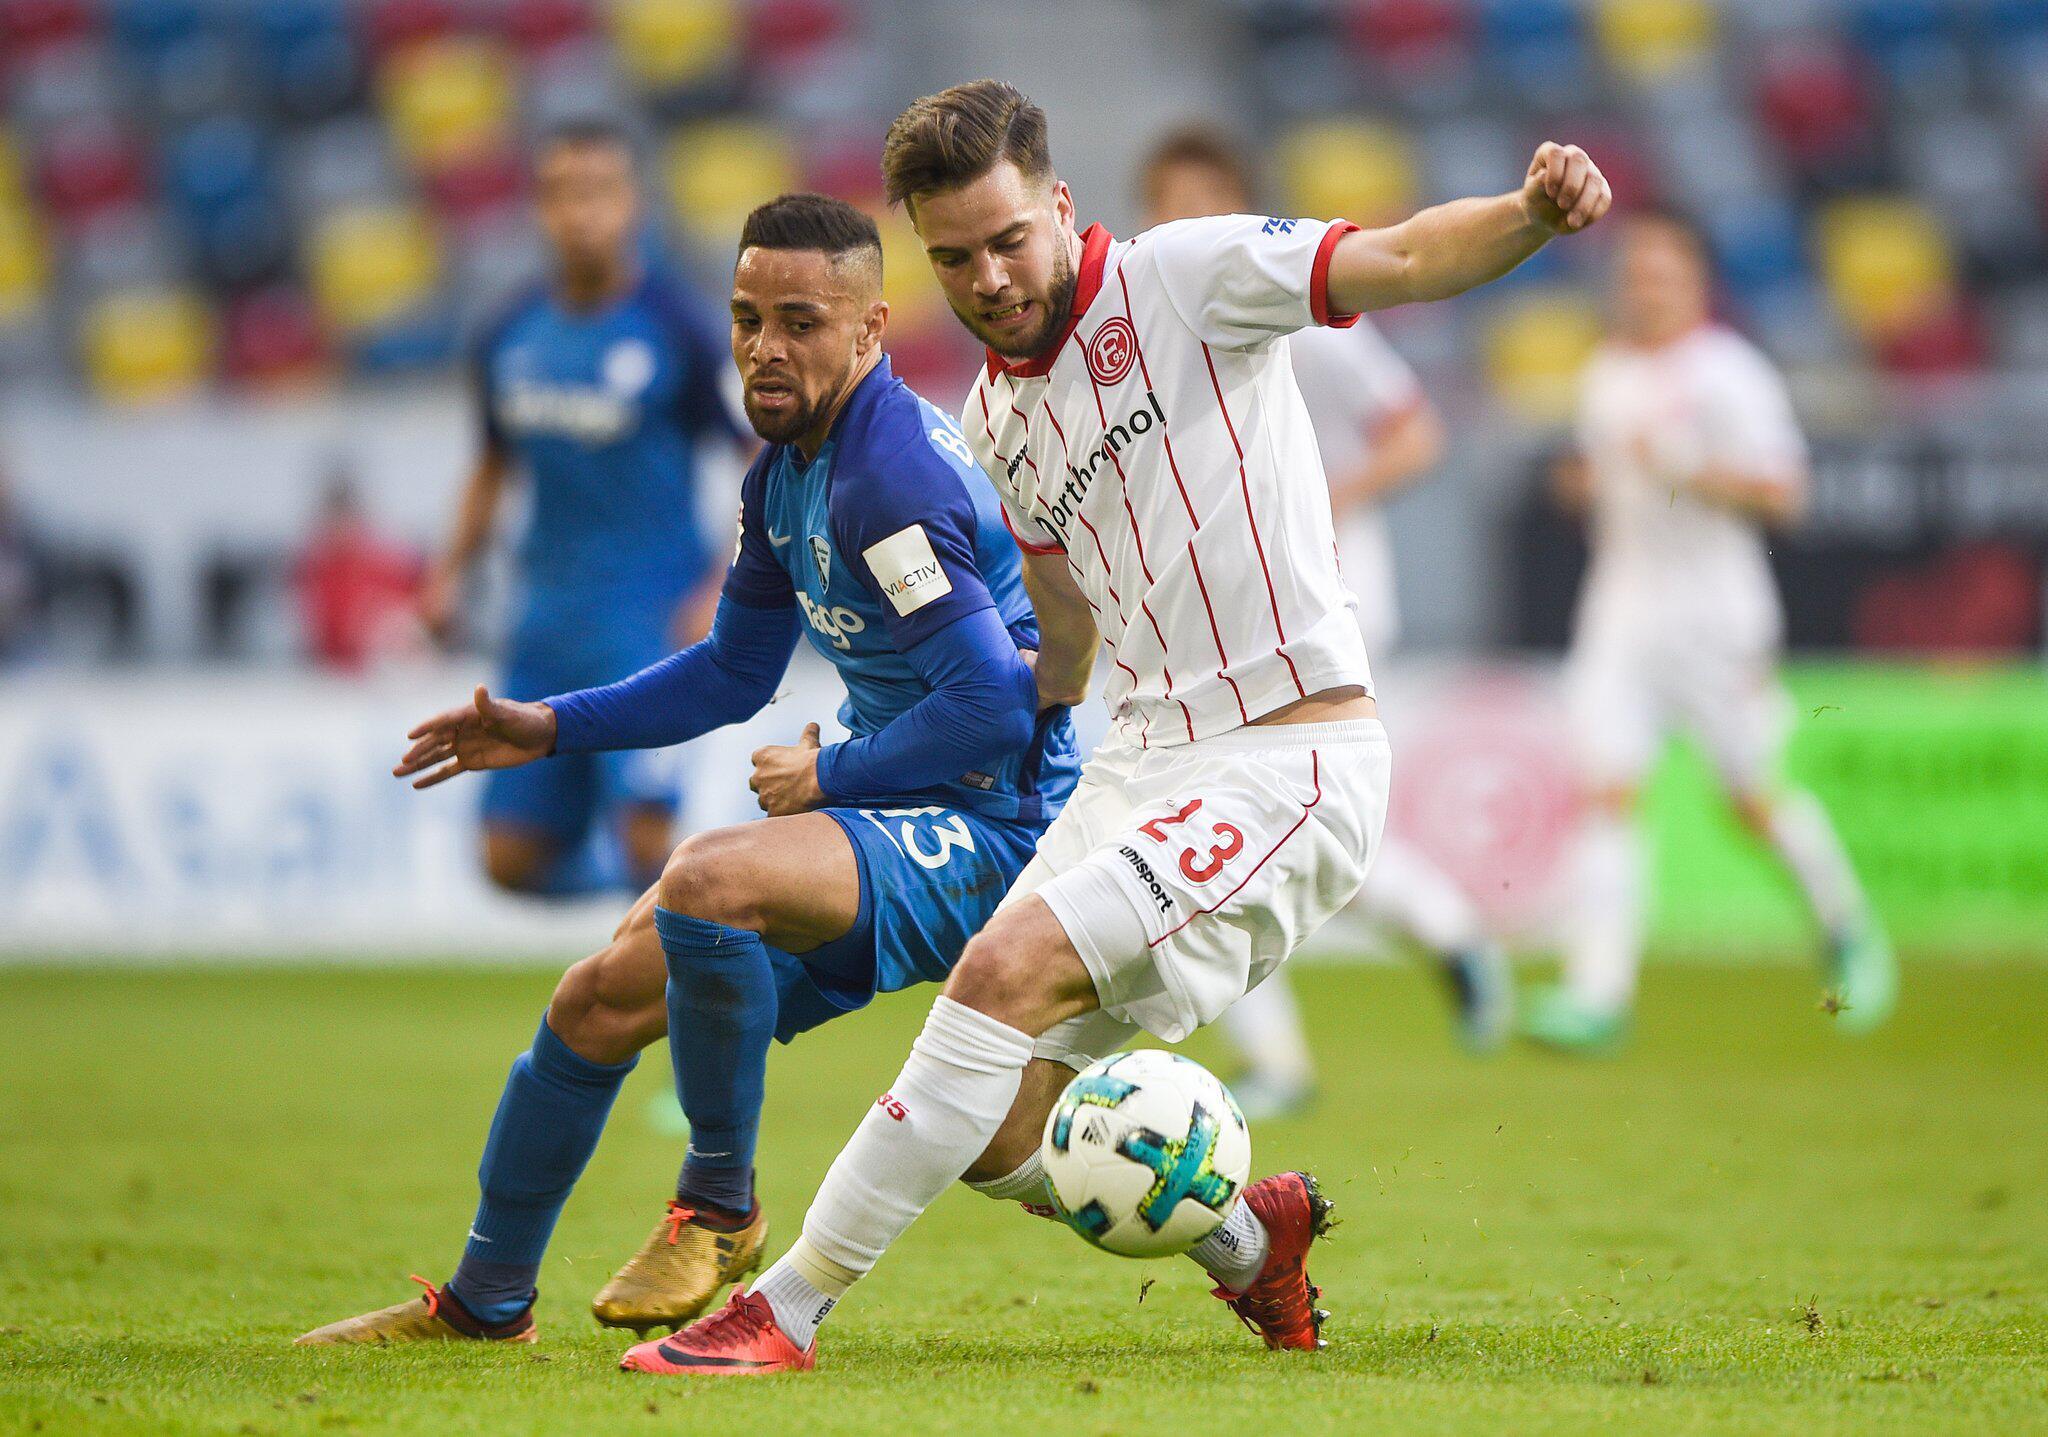 Bild zu Fortuna Düsseldorf, VfL Bochum